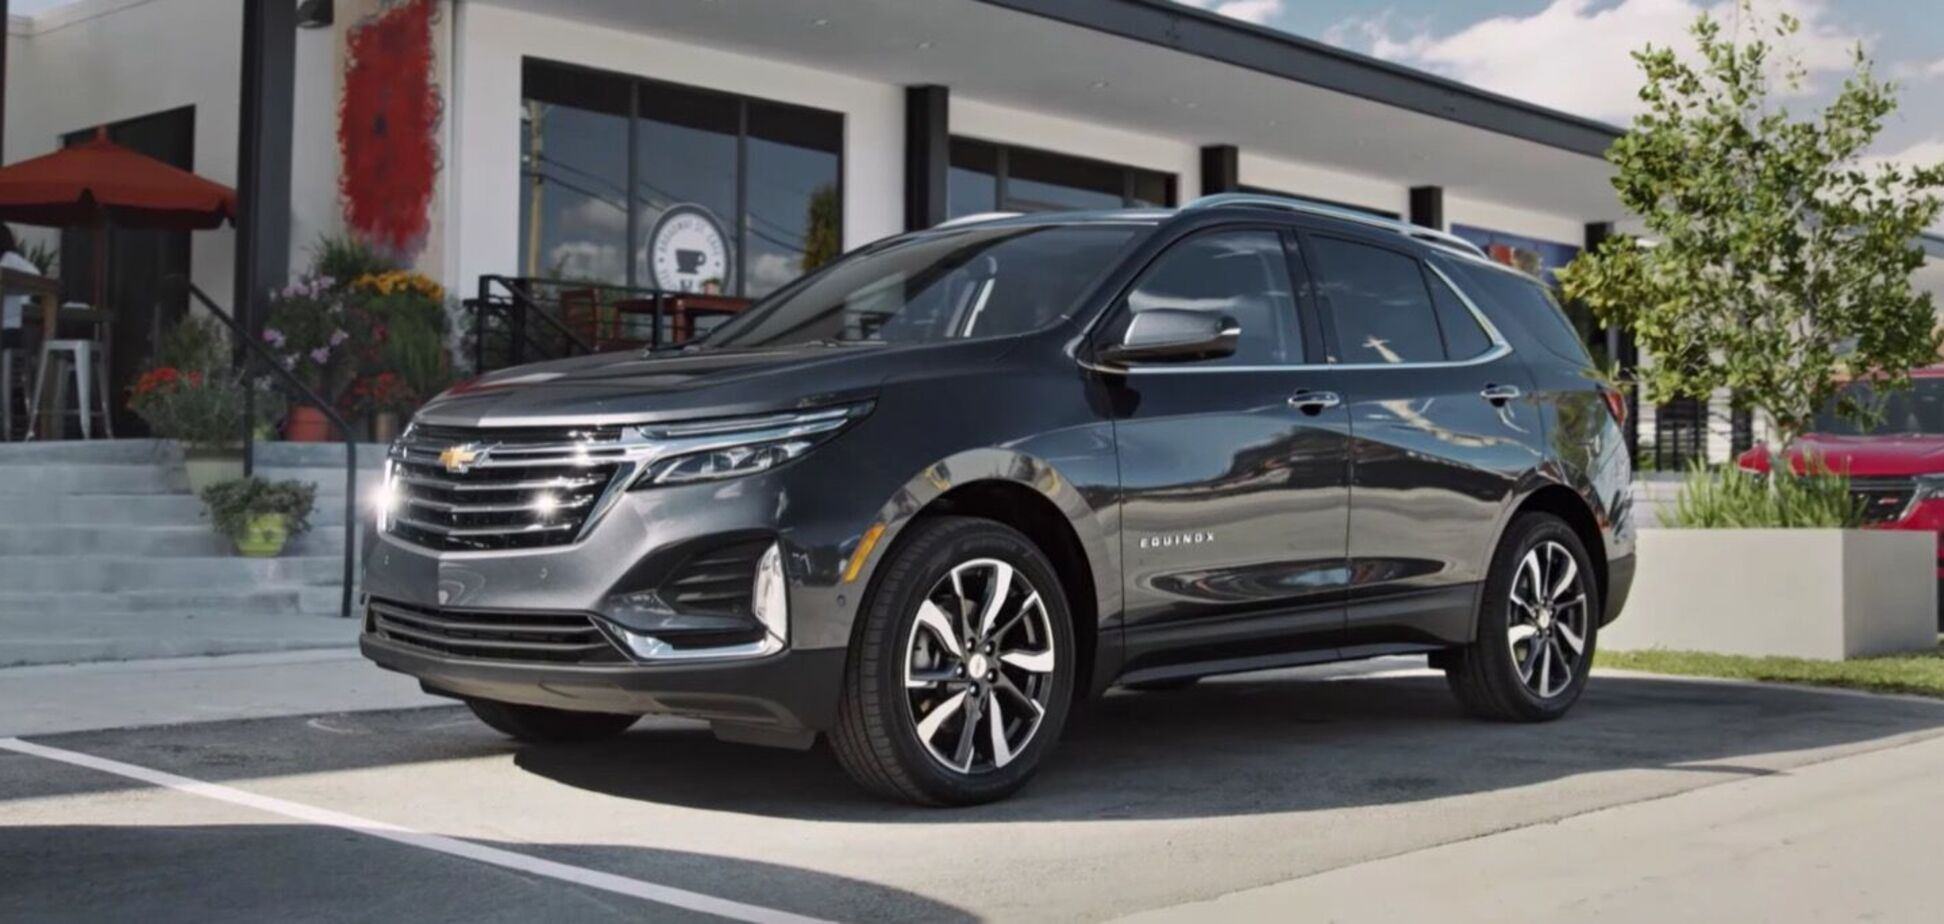 Chevrolet готовит электрический кроссовер Equinox EV по цене Bolt